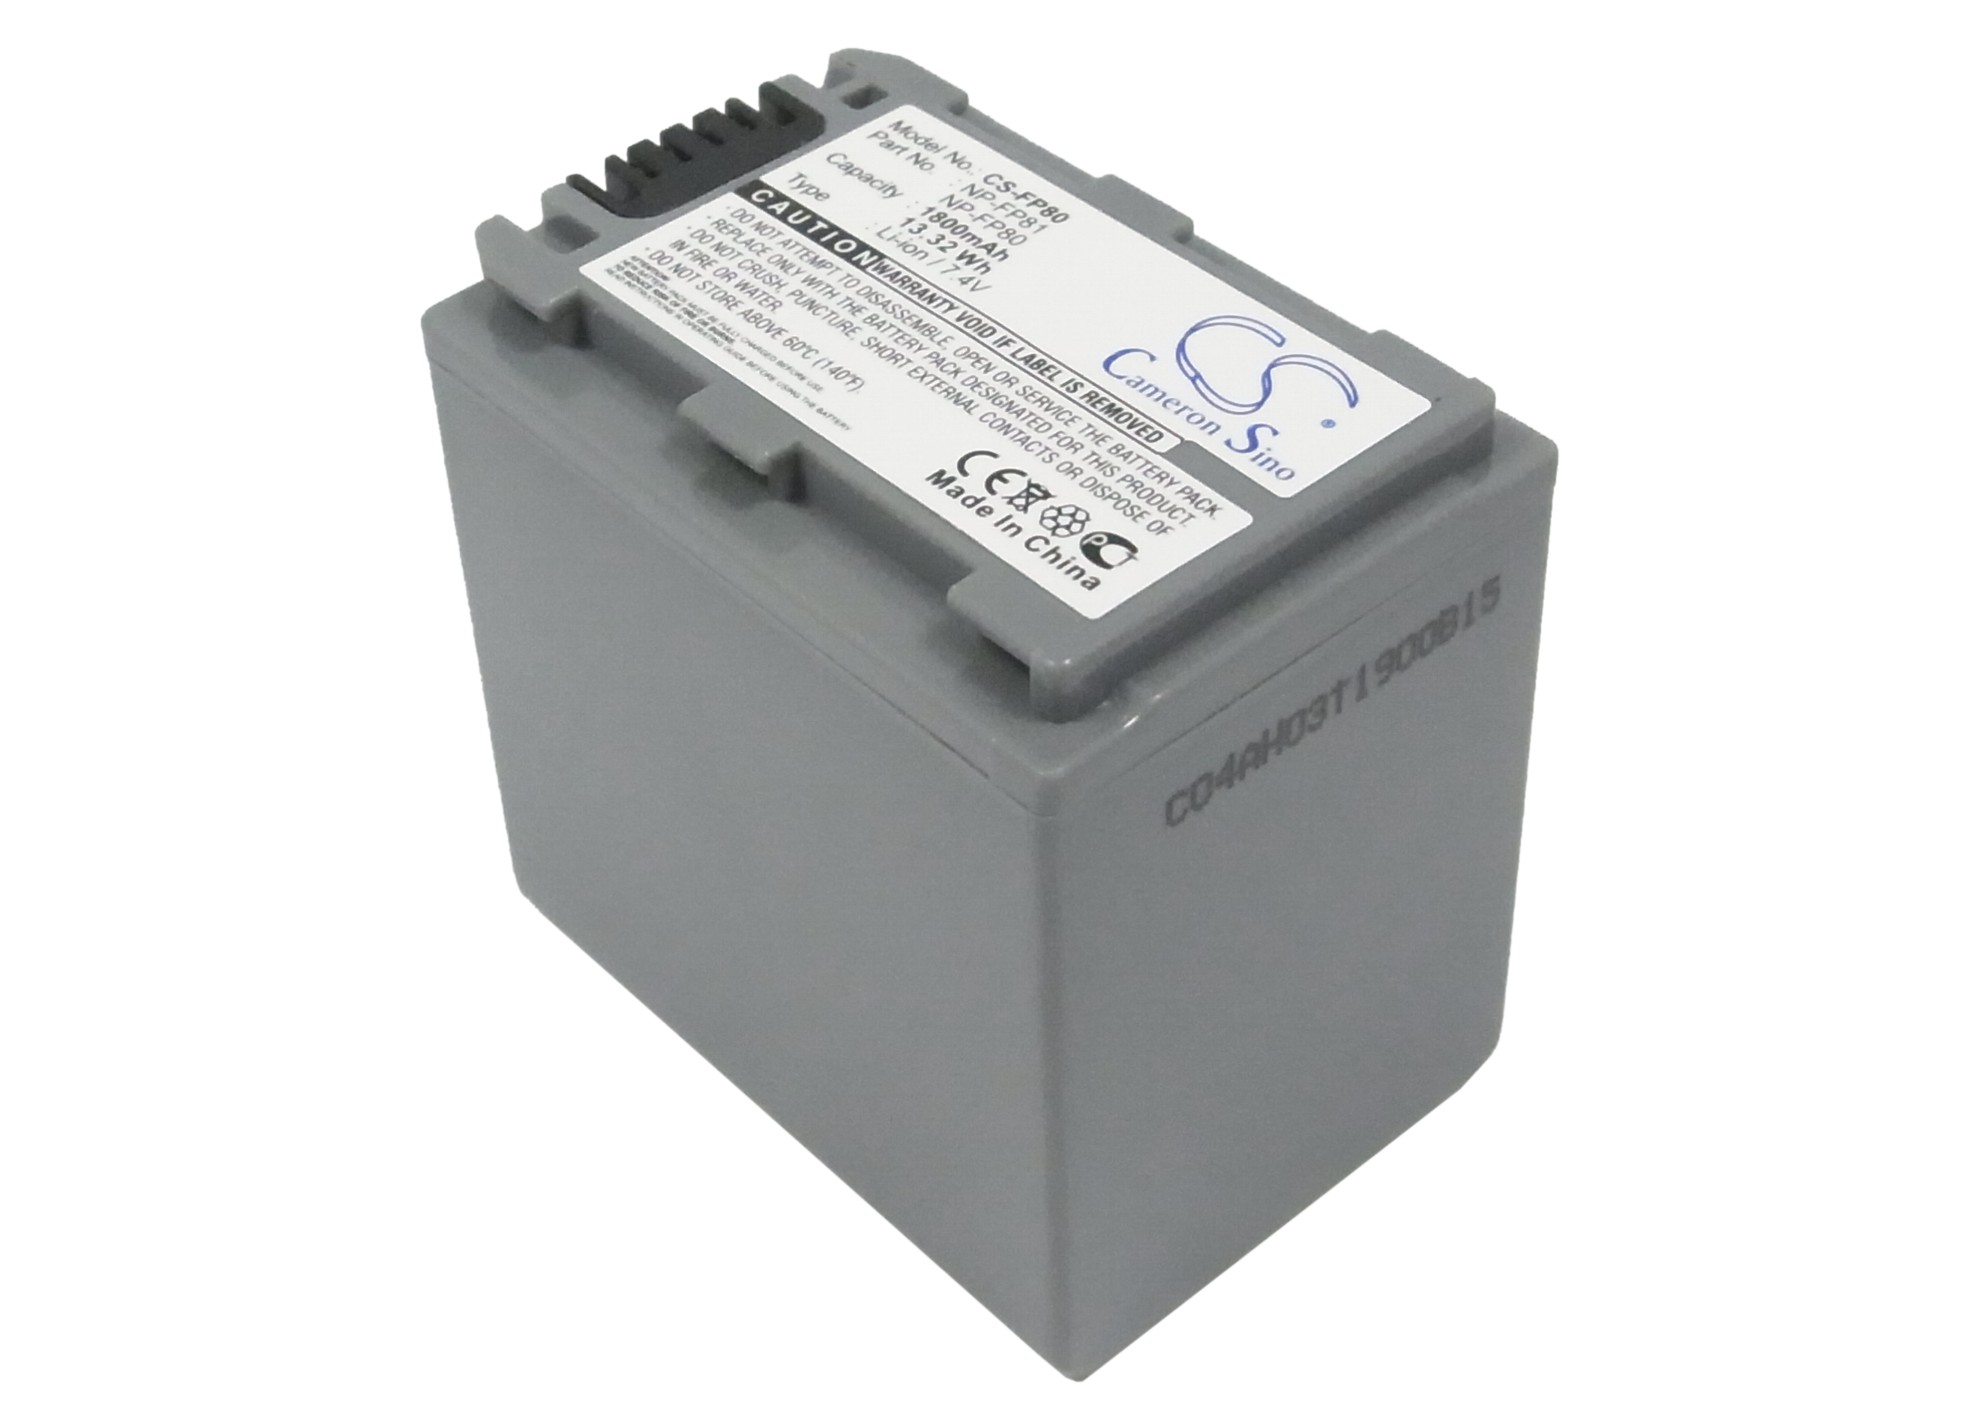 Cameron Sino baterie do kamer a fotoaparátů pro SONY DCR-HC30 7.4V Li-ion 1800mAh tmavě šedá - neoriginální